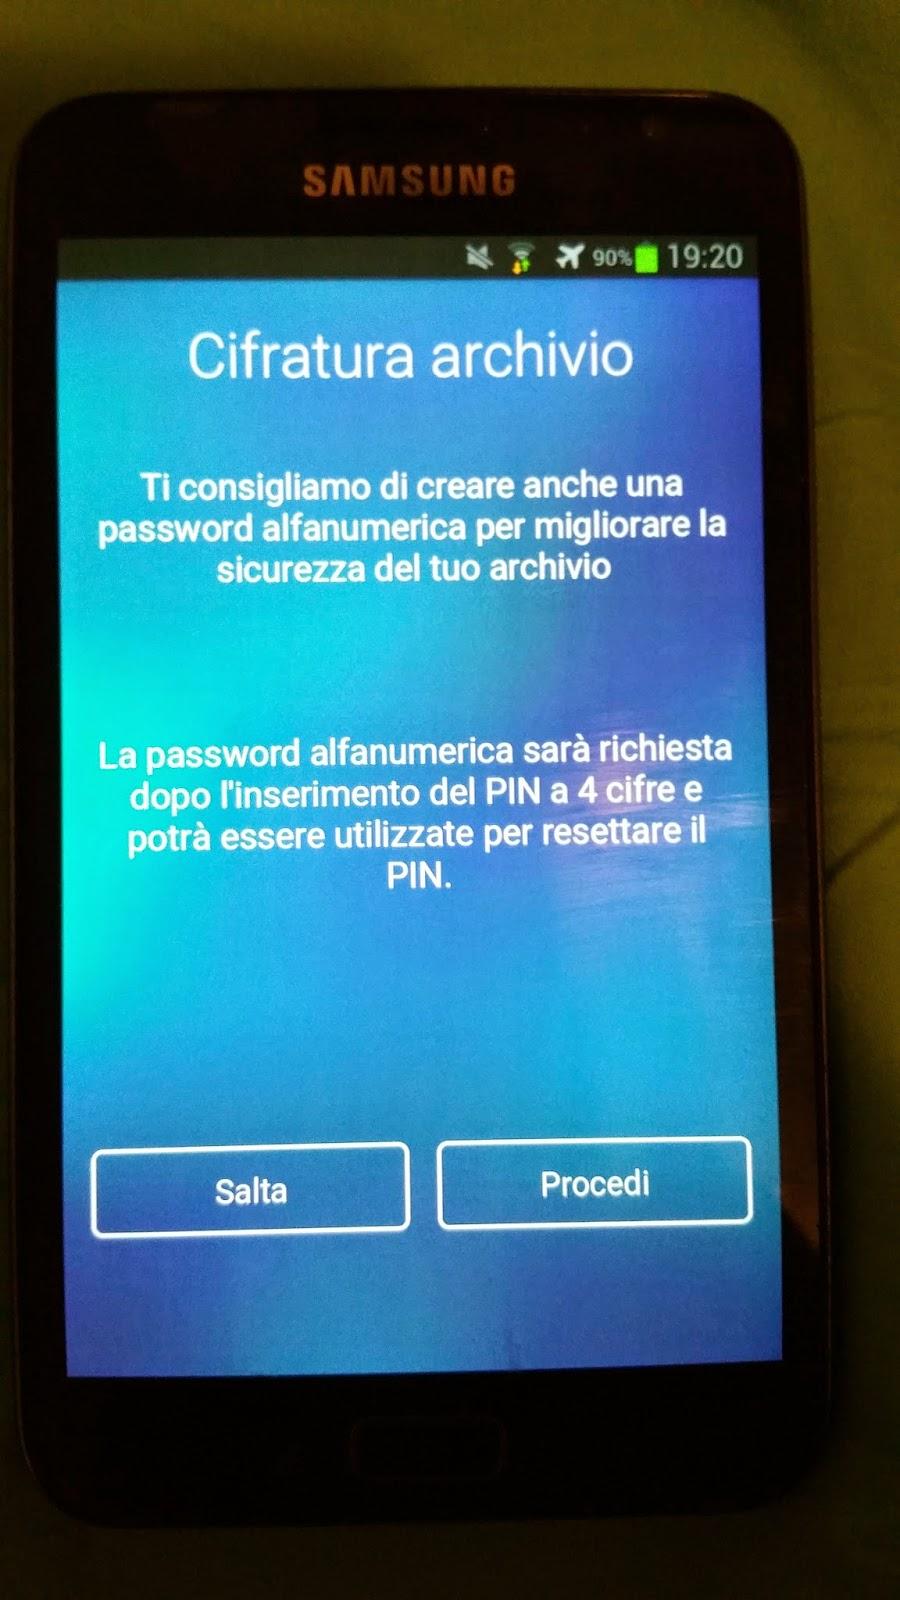 schermata per inserire anche una password di sicurezza ulteriore in kyms